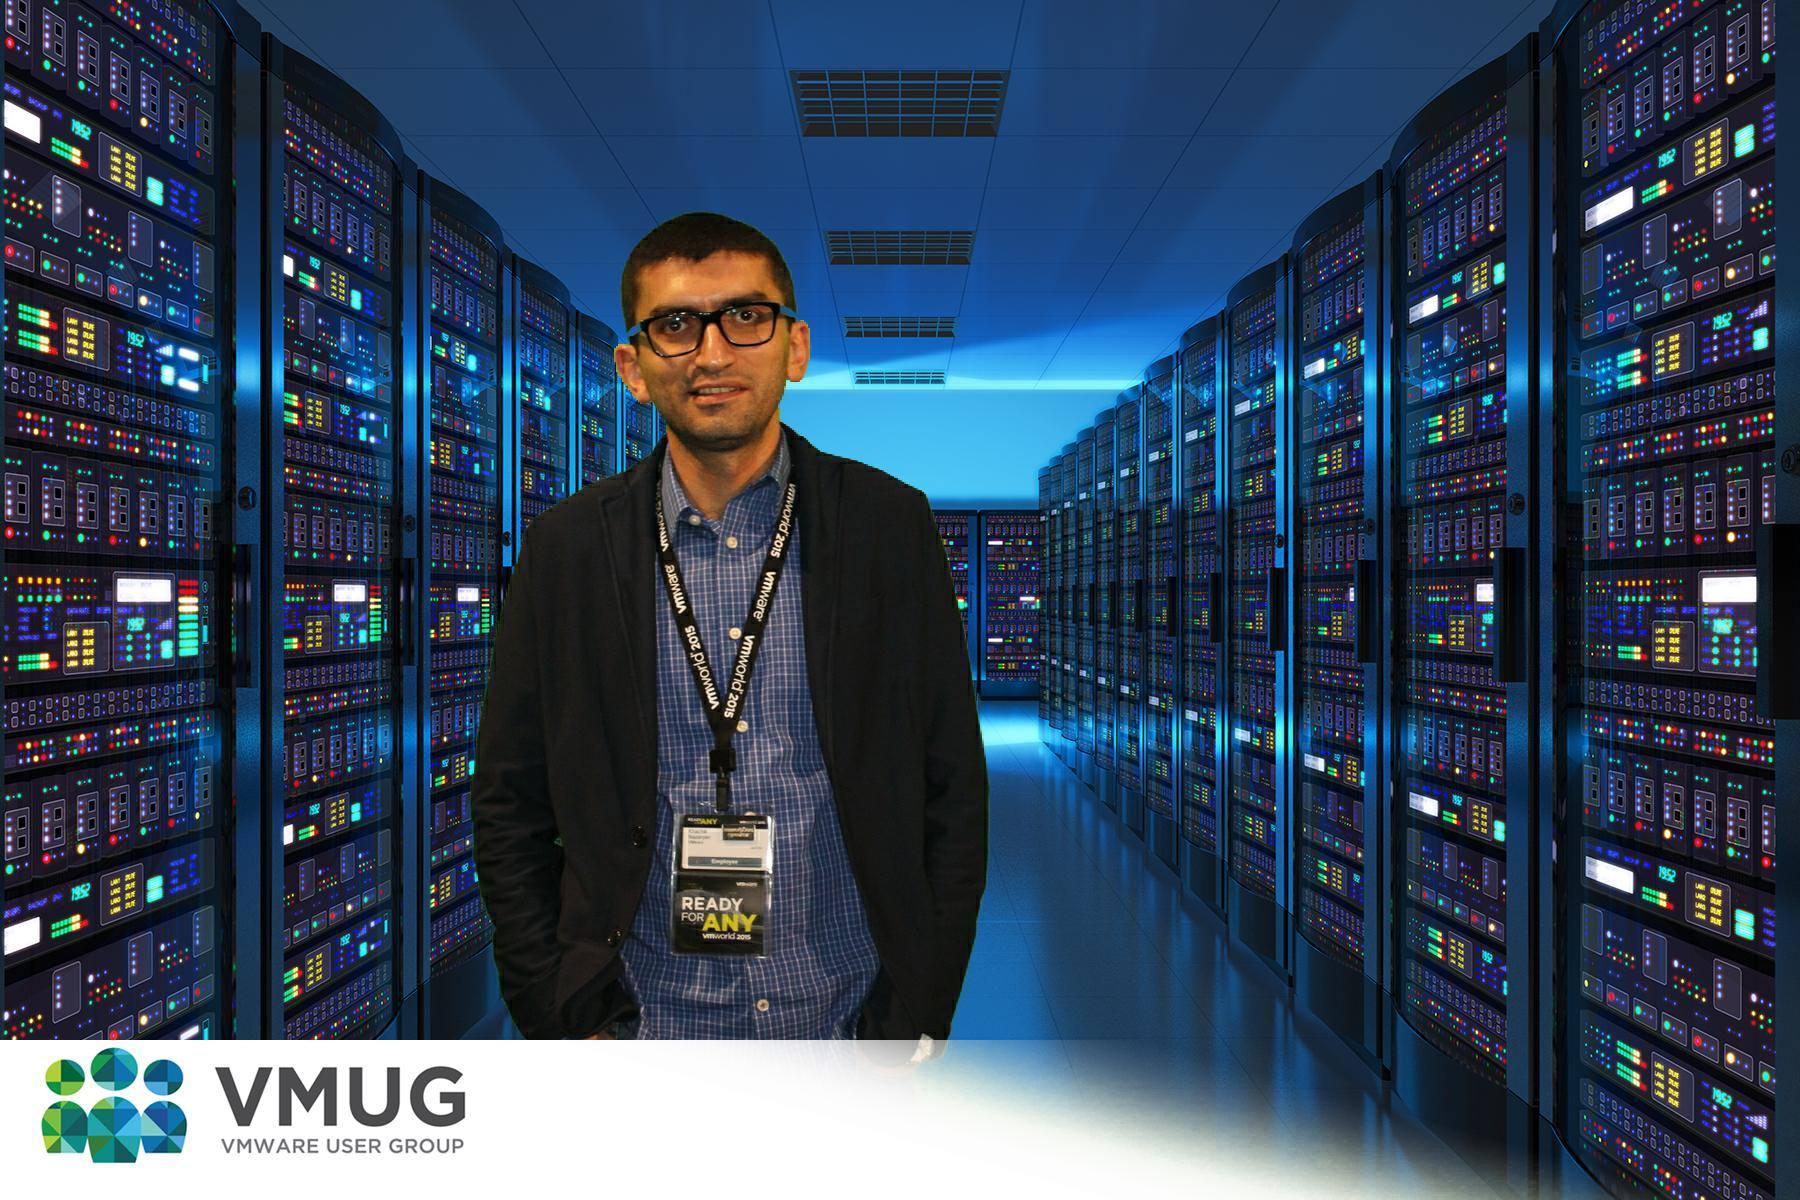 Հանդիպում VMware-ի ինժեներական տնօրենի հետ VTC-ում